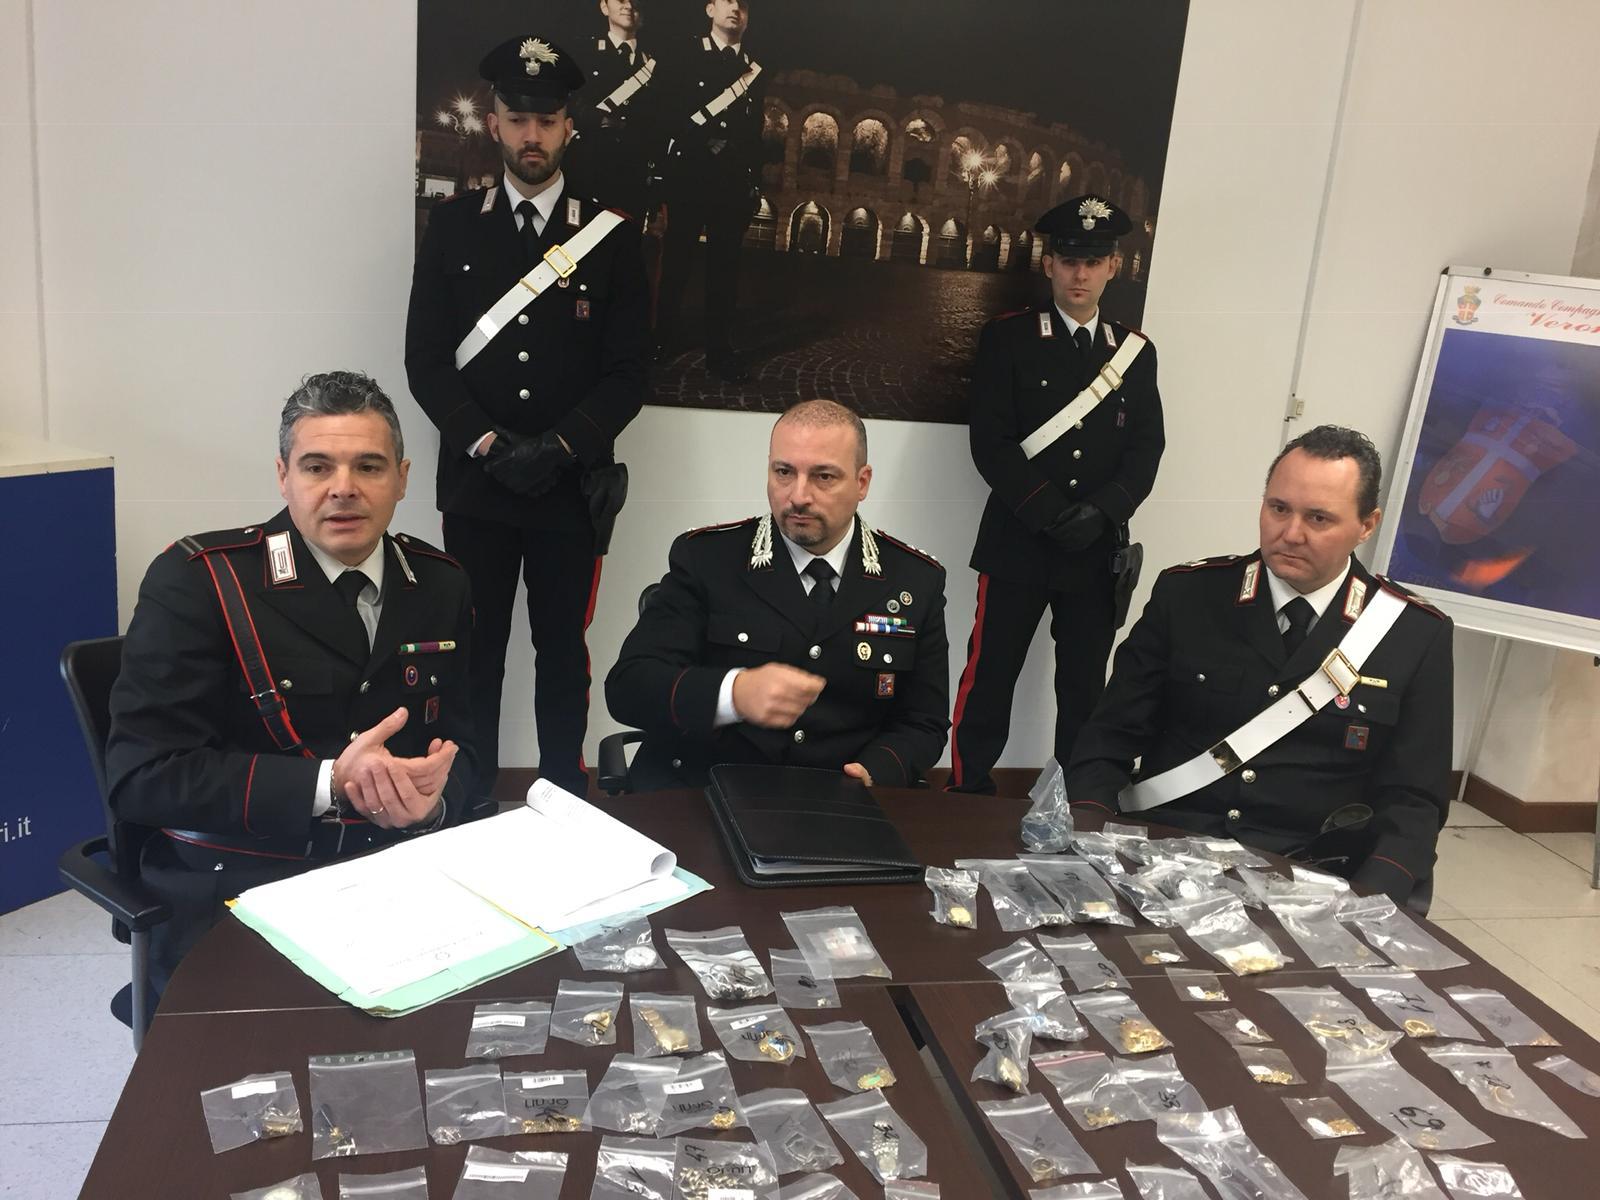 Un nuovo arresto e riconosciuta l'associazione a delinquere. Un nuovo esito dalle indagini sulla banda di malviventi fermata e portata in carcere alla fine del 2017 dai carabinieri di Minerbe.